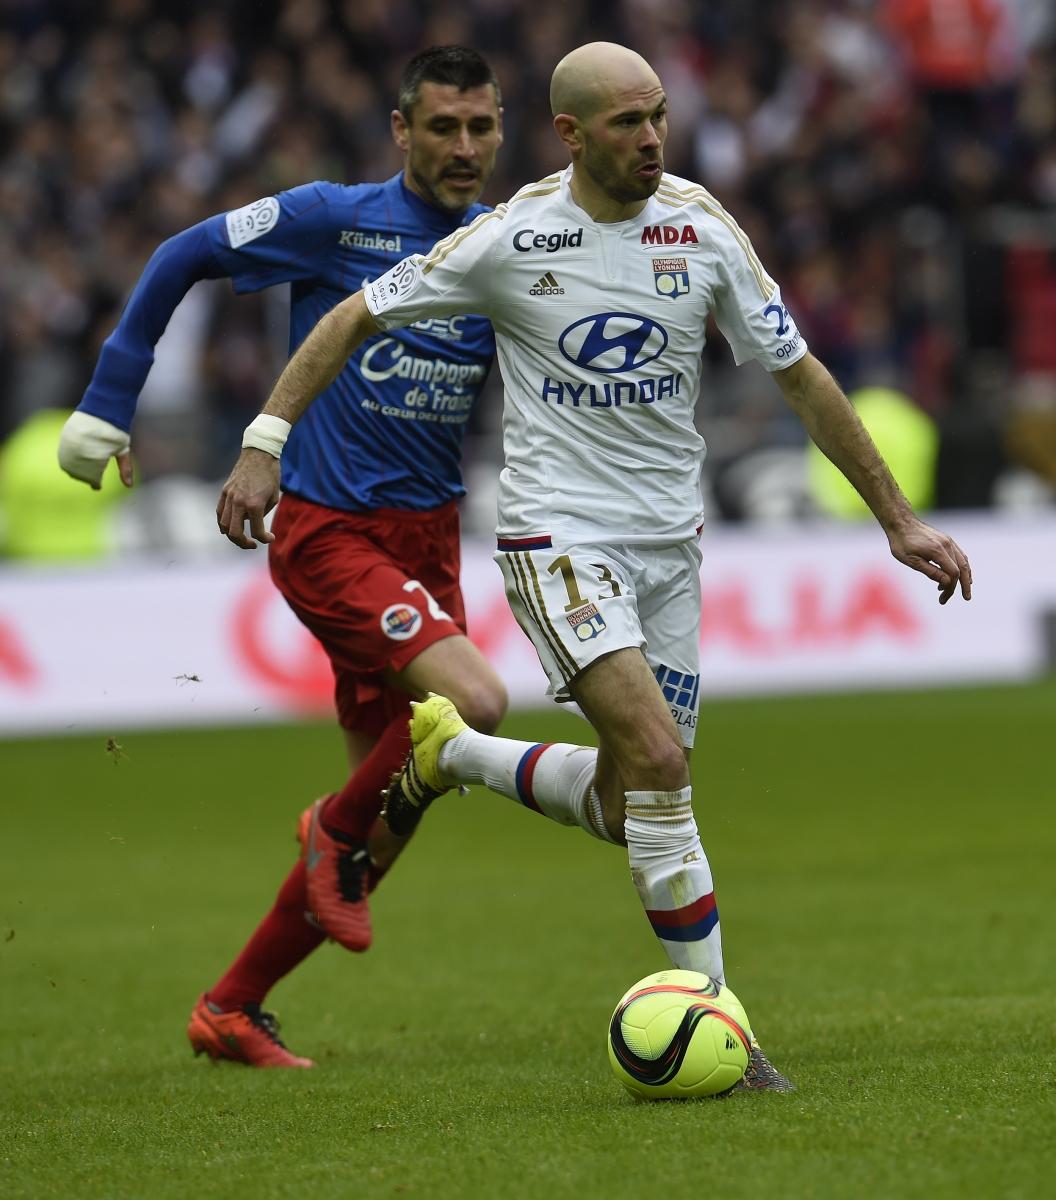 [2e journée de L1] O Lyon 2-0 SM Caen  Jallet